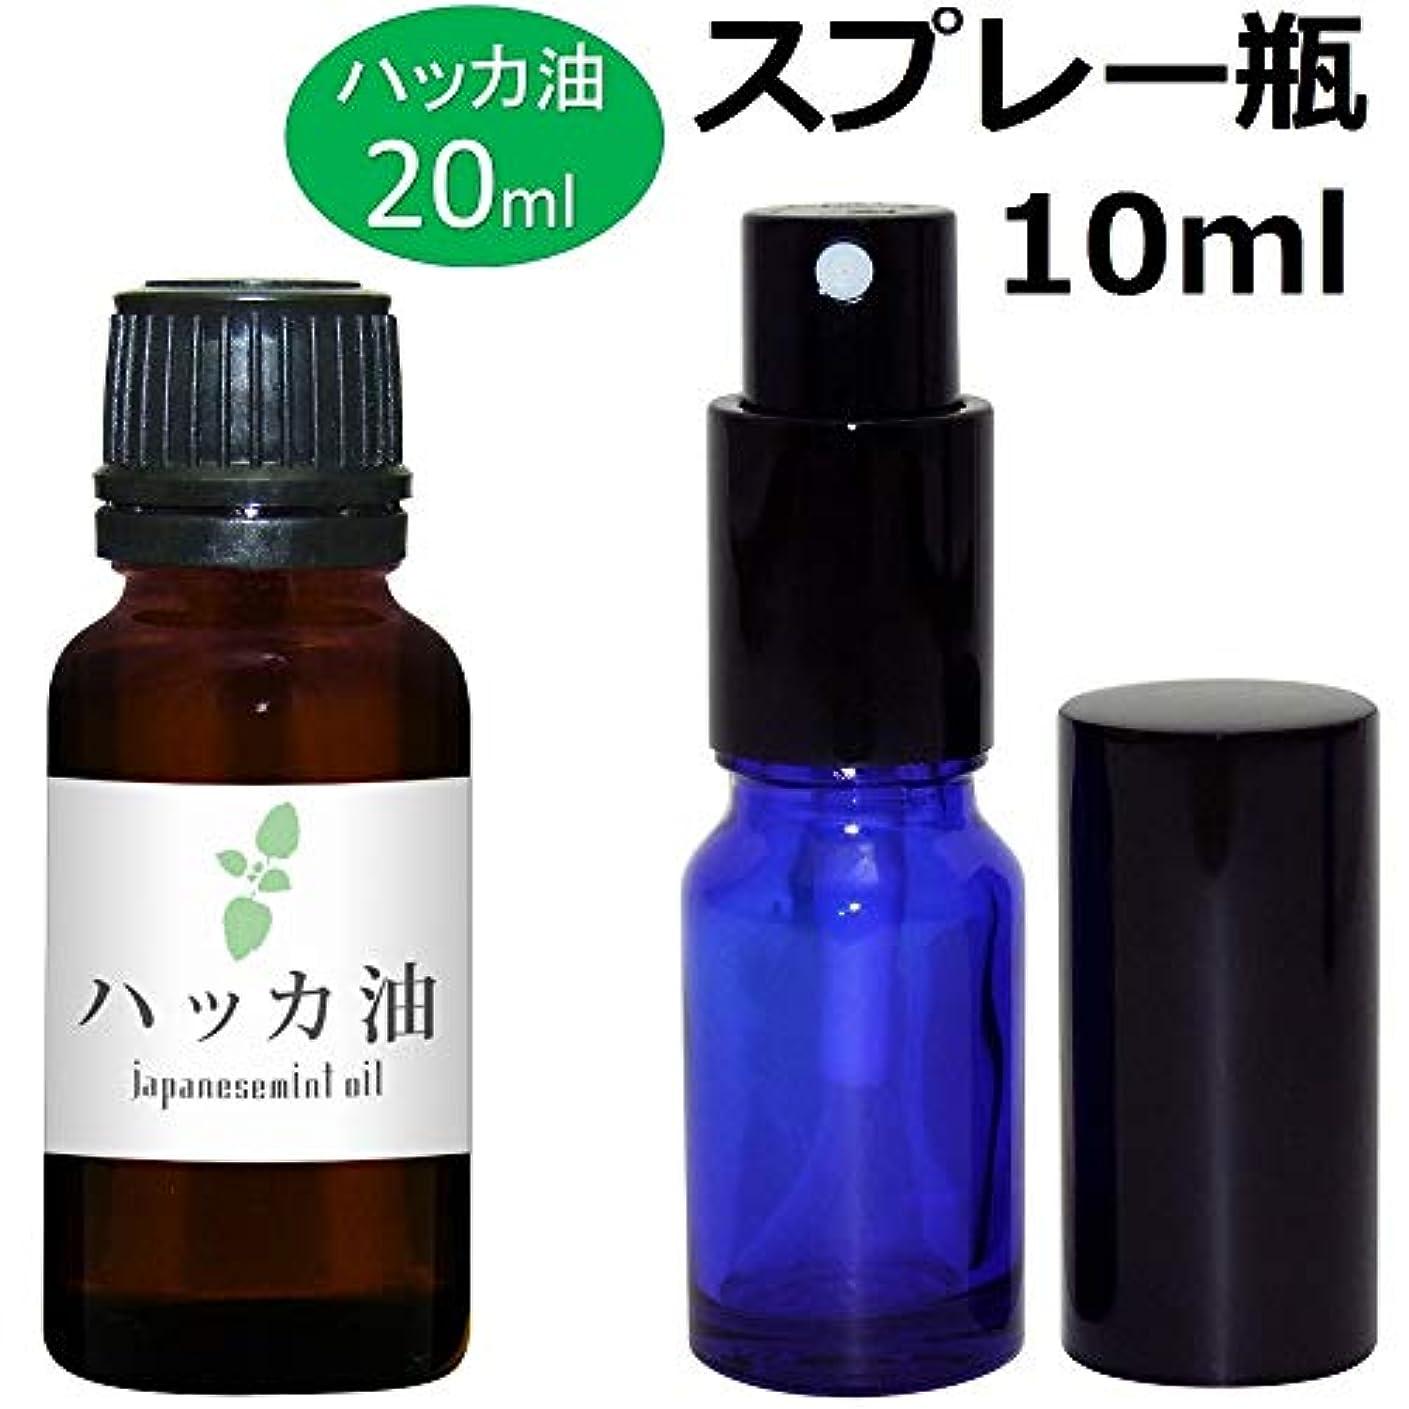 回路キャッチ束ガレージ?ゼロ ハッカ油 20ml(GZAK12)+ガラス瓶 スプレーボトル10ml/和種薄荷/ジャパニーズミント GSE533